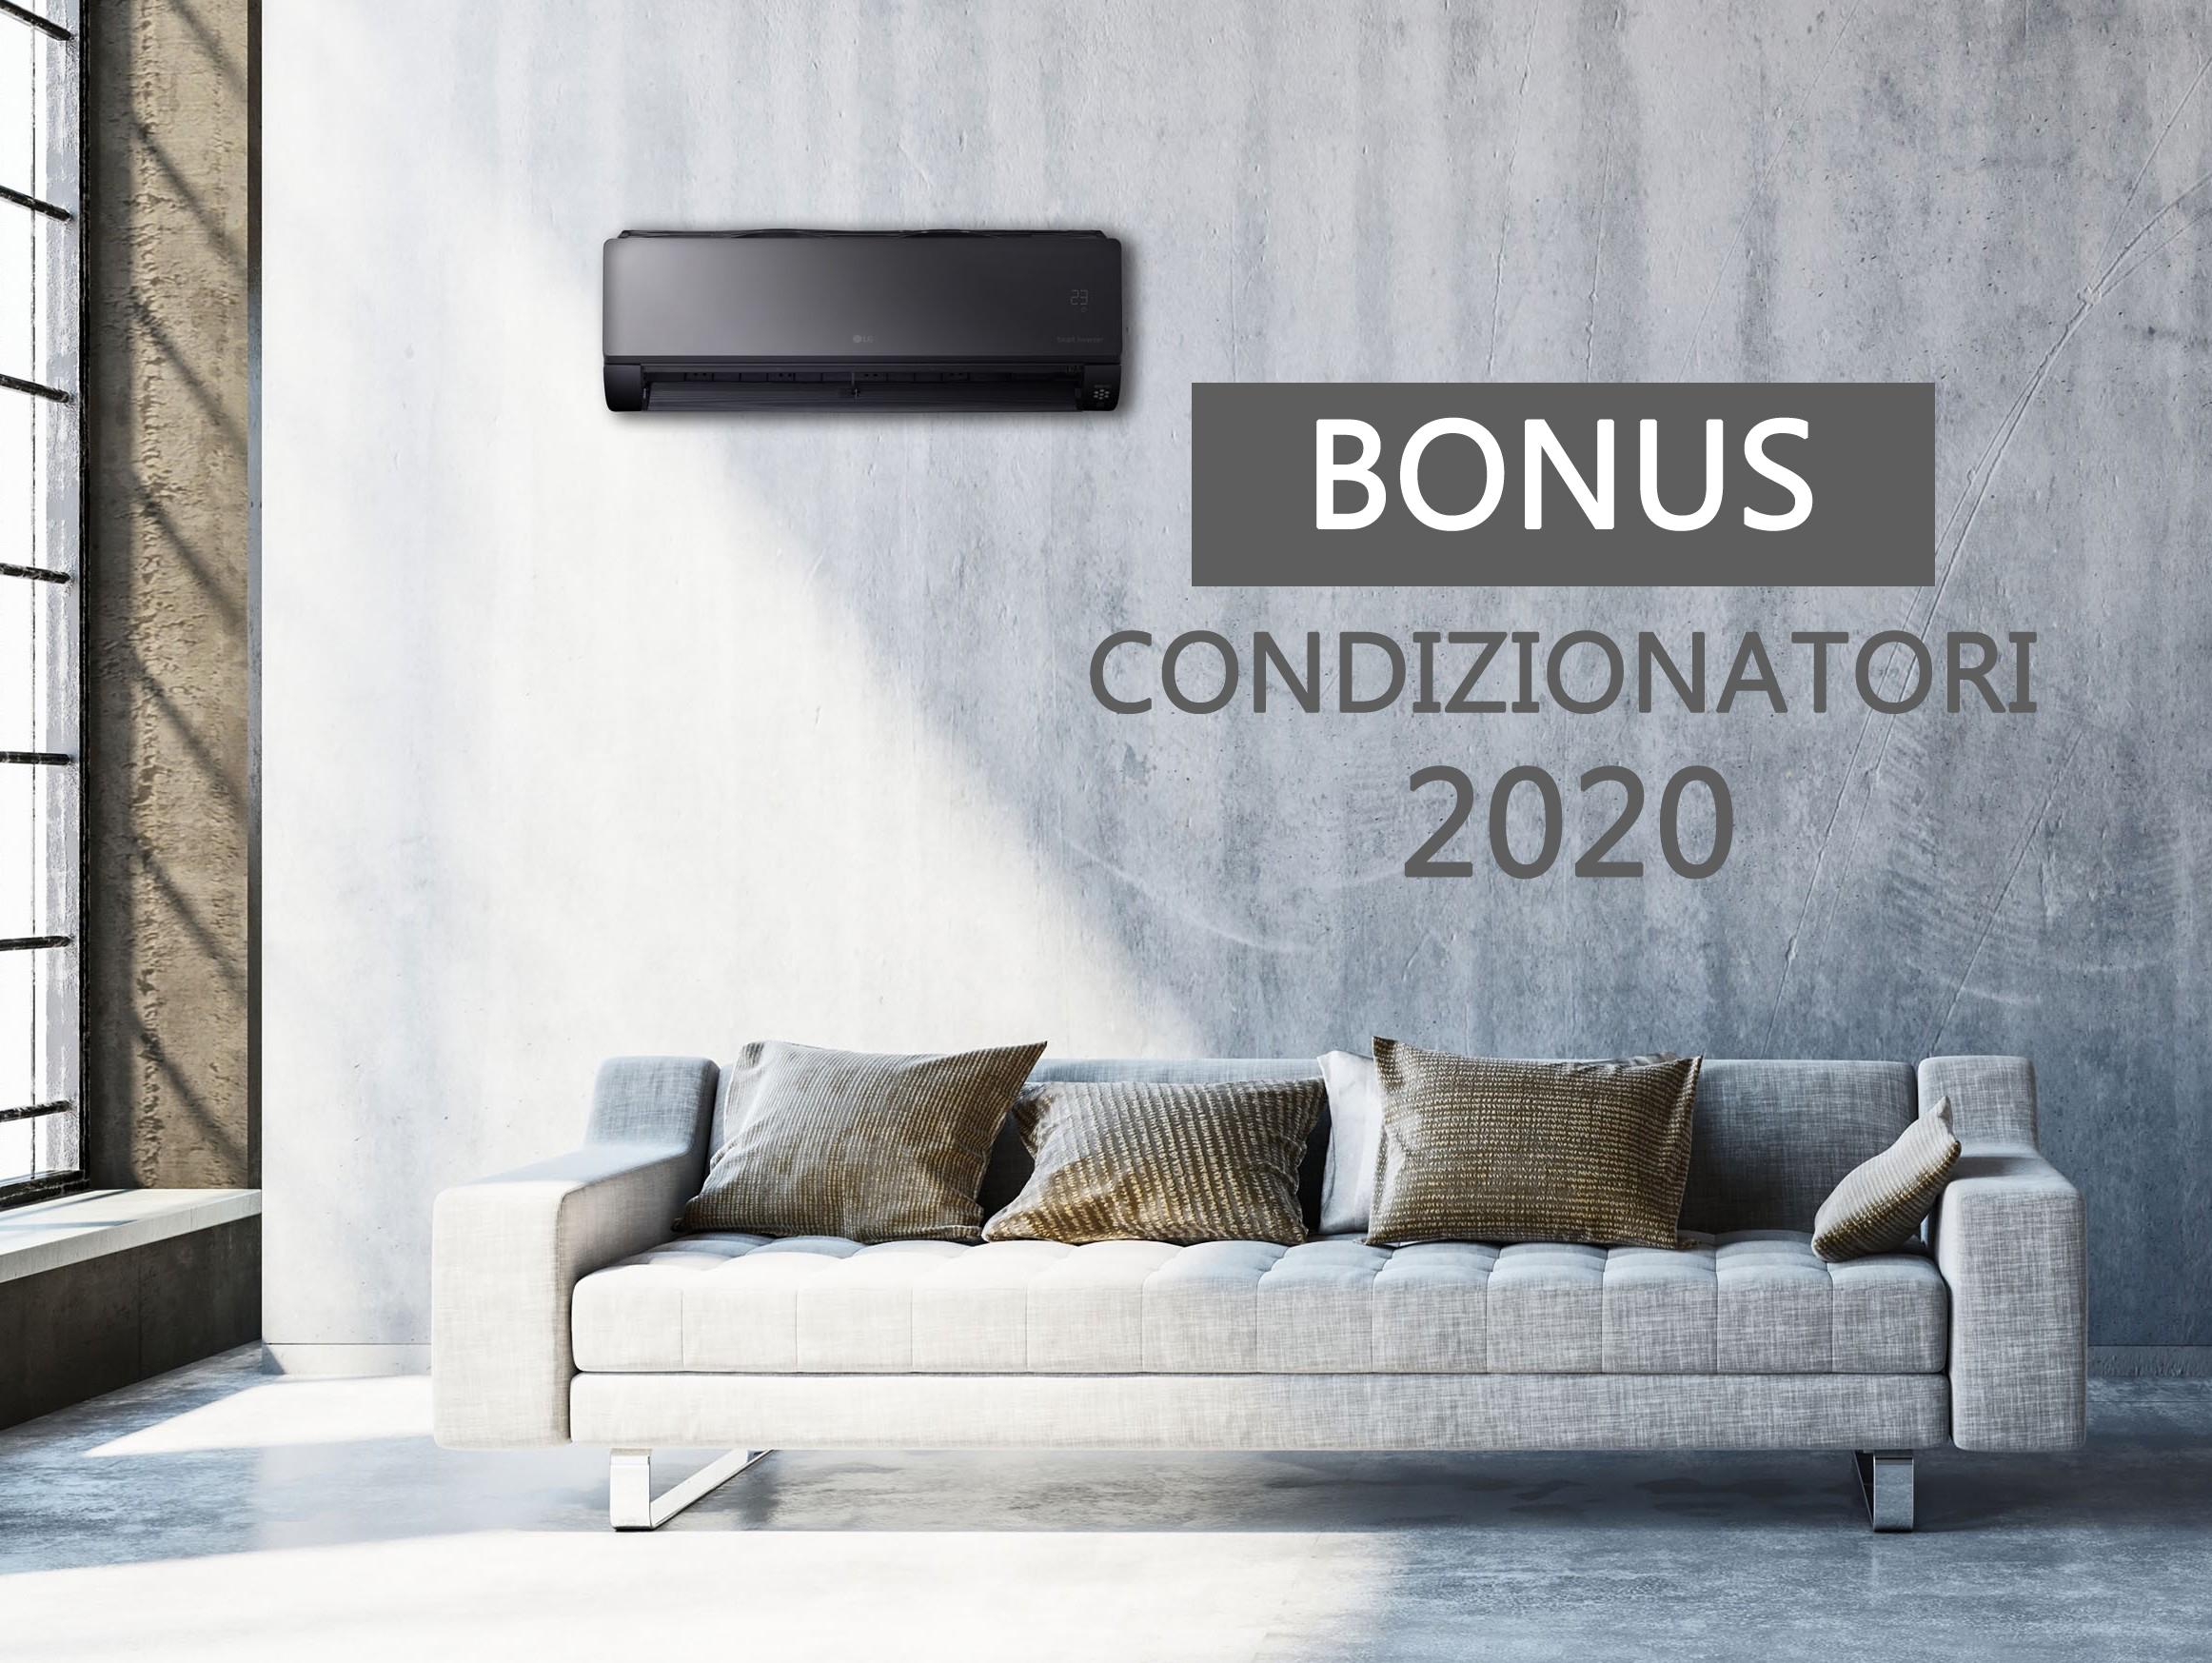 Bonus condizionatori: agevolazioni fiscali anche nel 2020